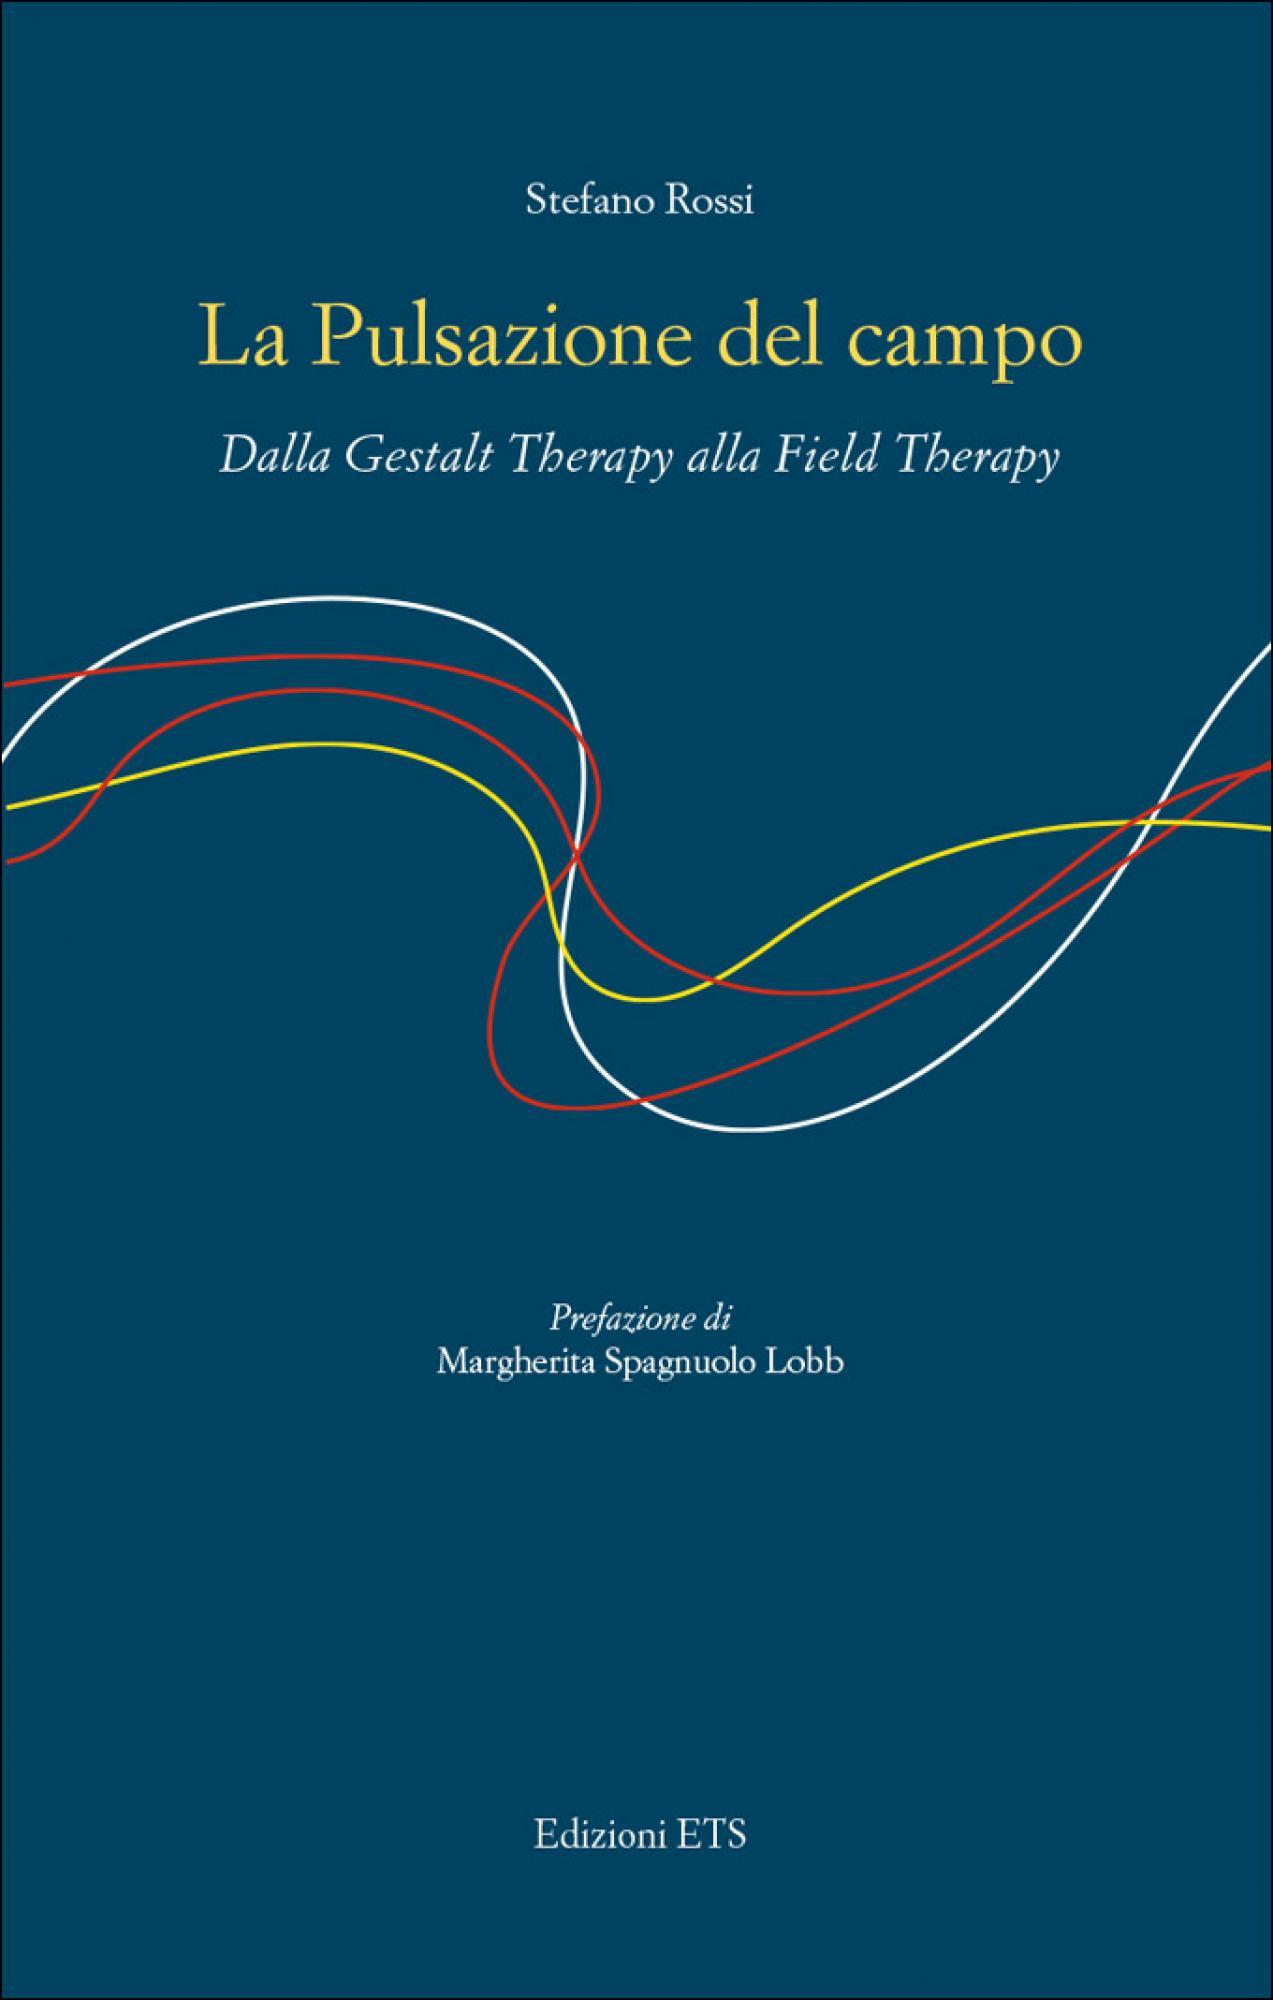 La Pulsazione del campo.Dalla Gestalt Therapy alla Field Therapy